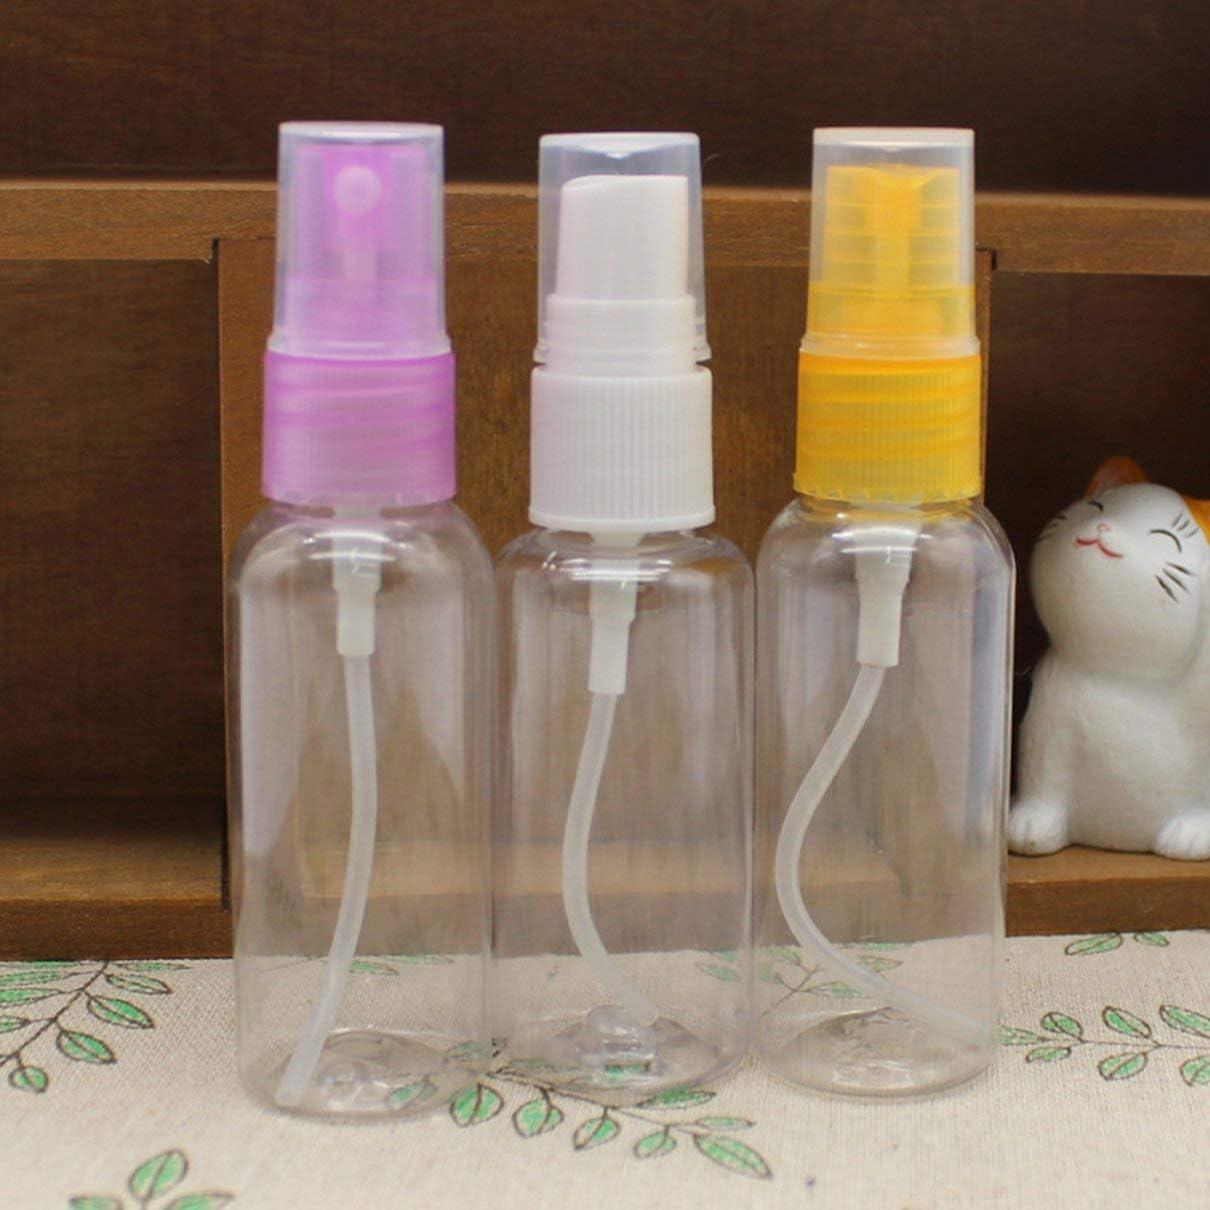 Le flacon pulv/érisateur m/édical de petite taille met en bouteille latomiseur direct de pulv/érisateur